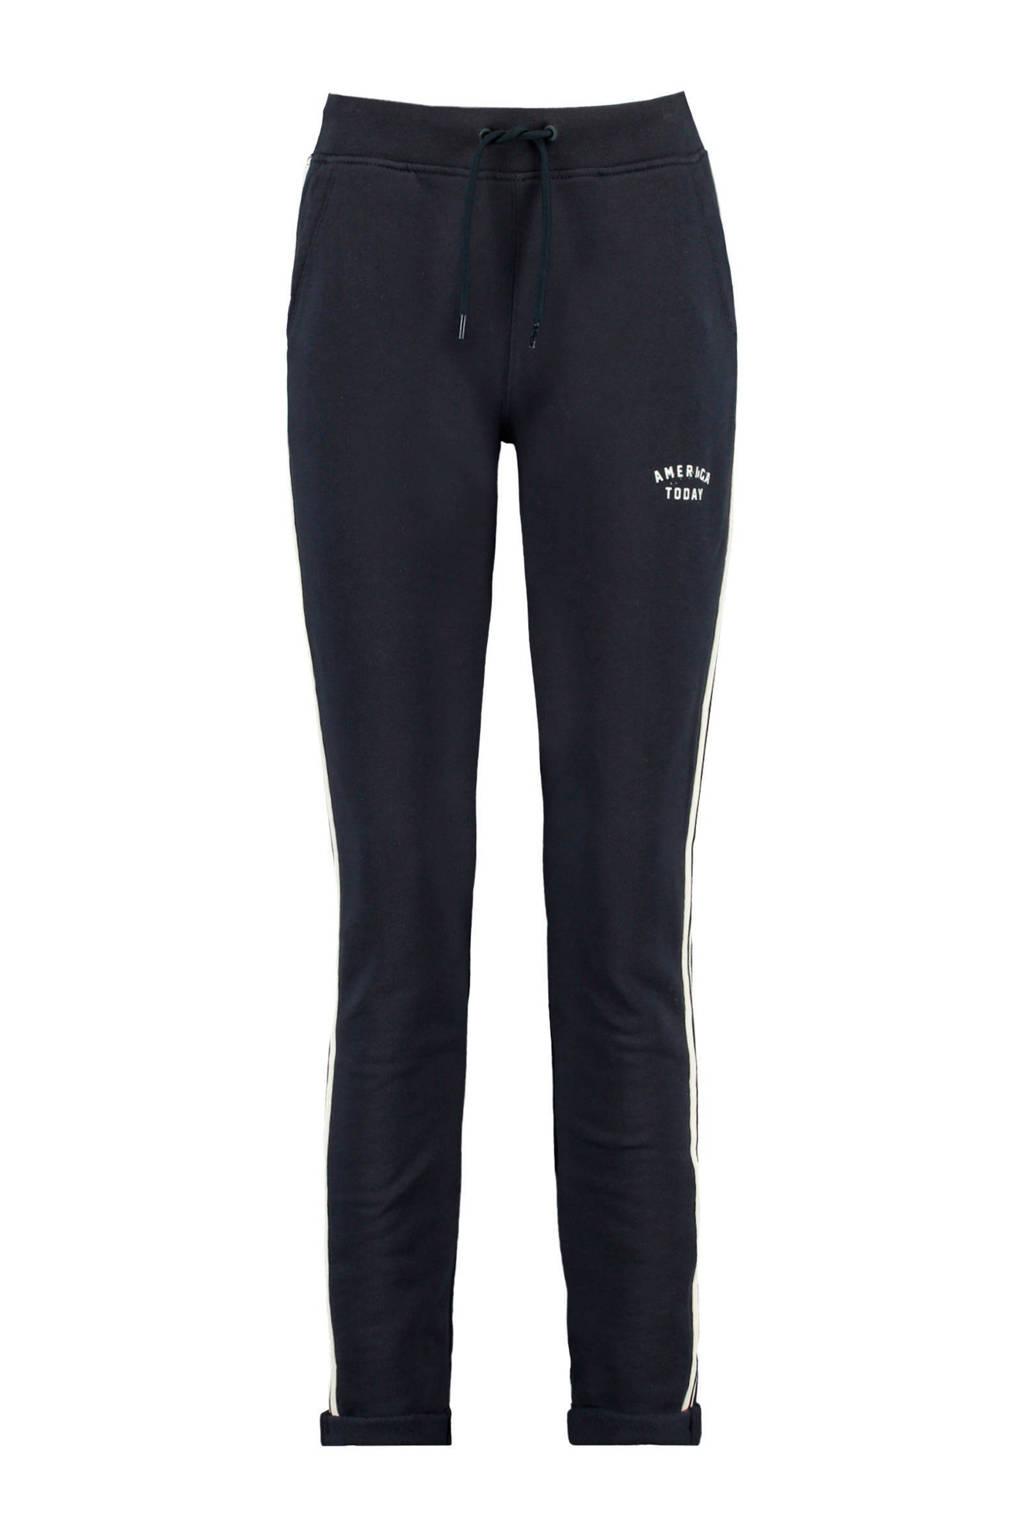 America Today slim fit joggingbroek met zijstreep donkerblauw, Donkerblauw